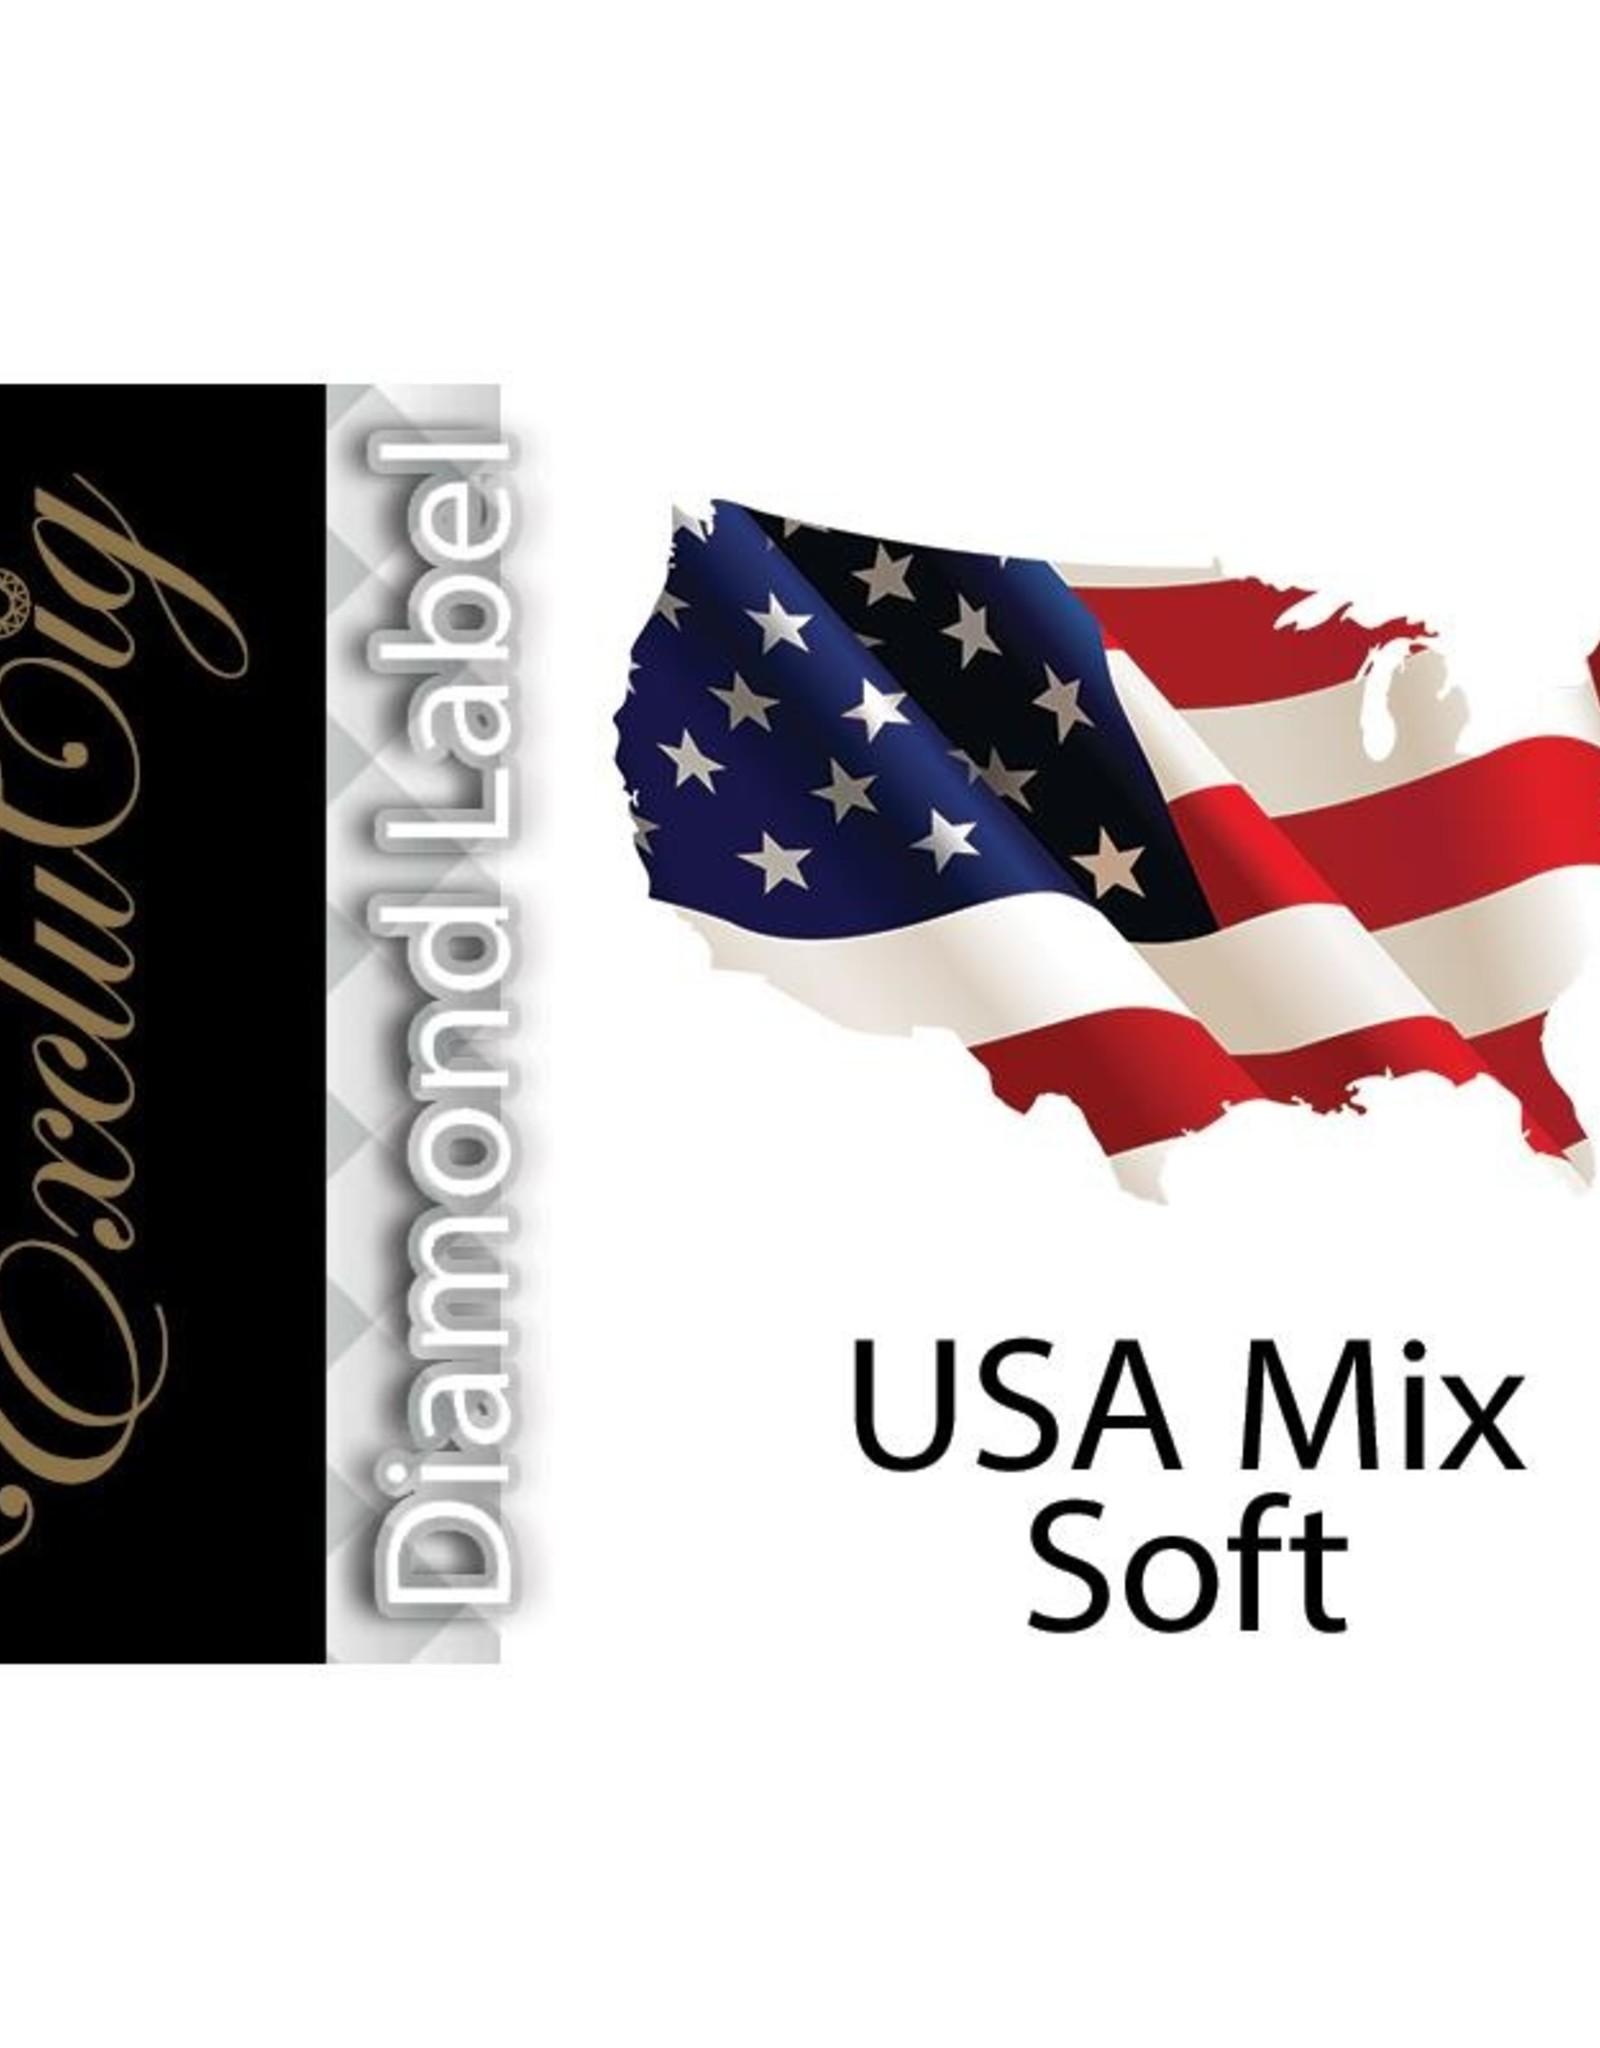 Exclucig Exclucig Diamond Label E-liquid USA Soft Mix 3 mg Nicotine